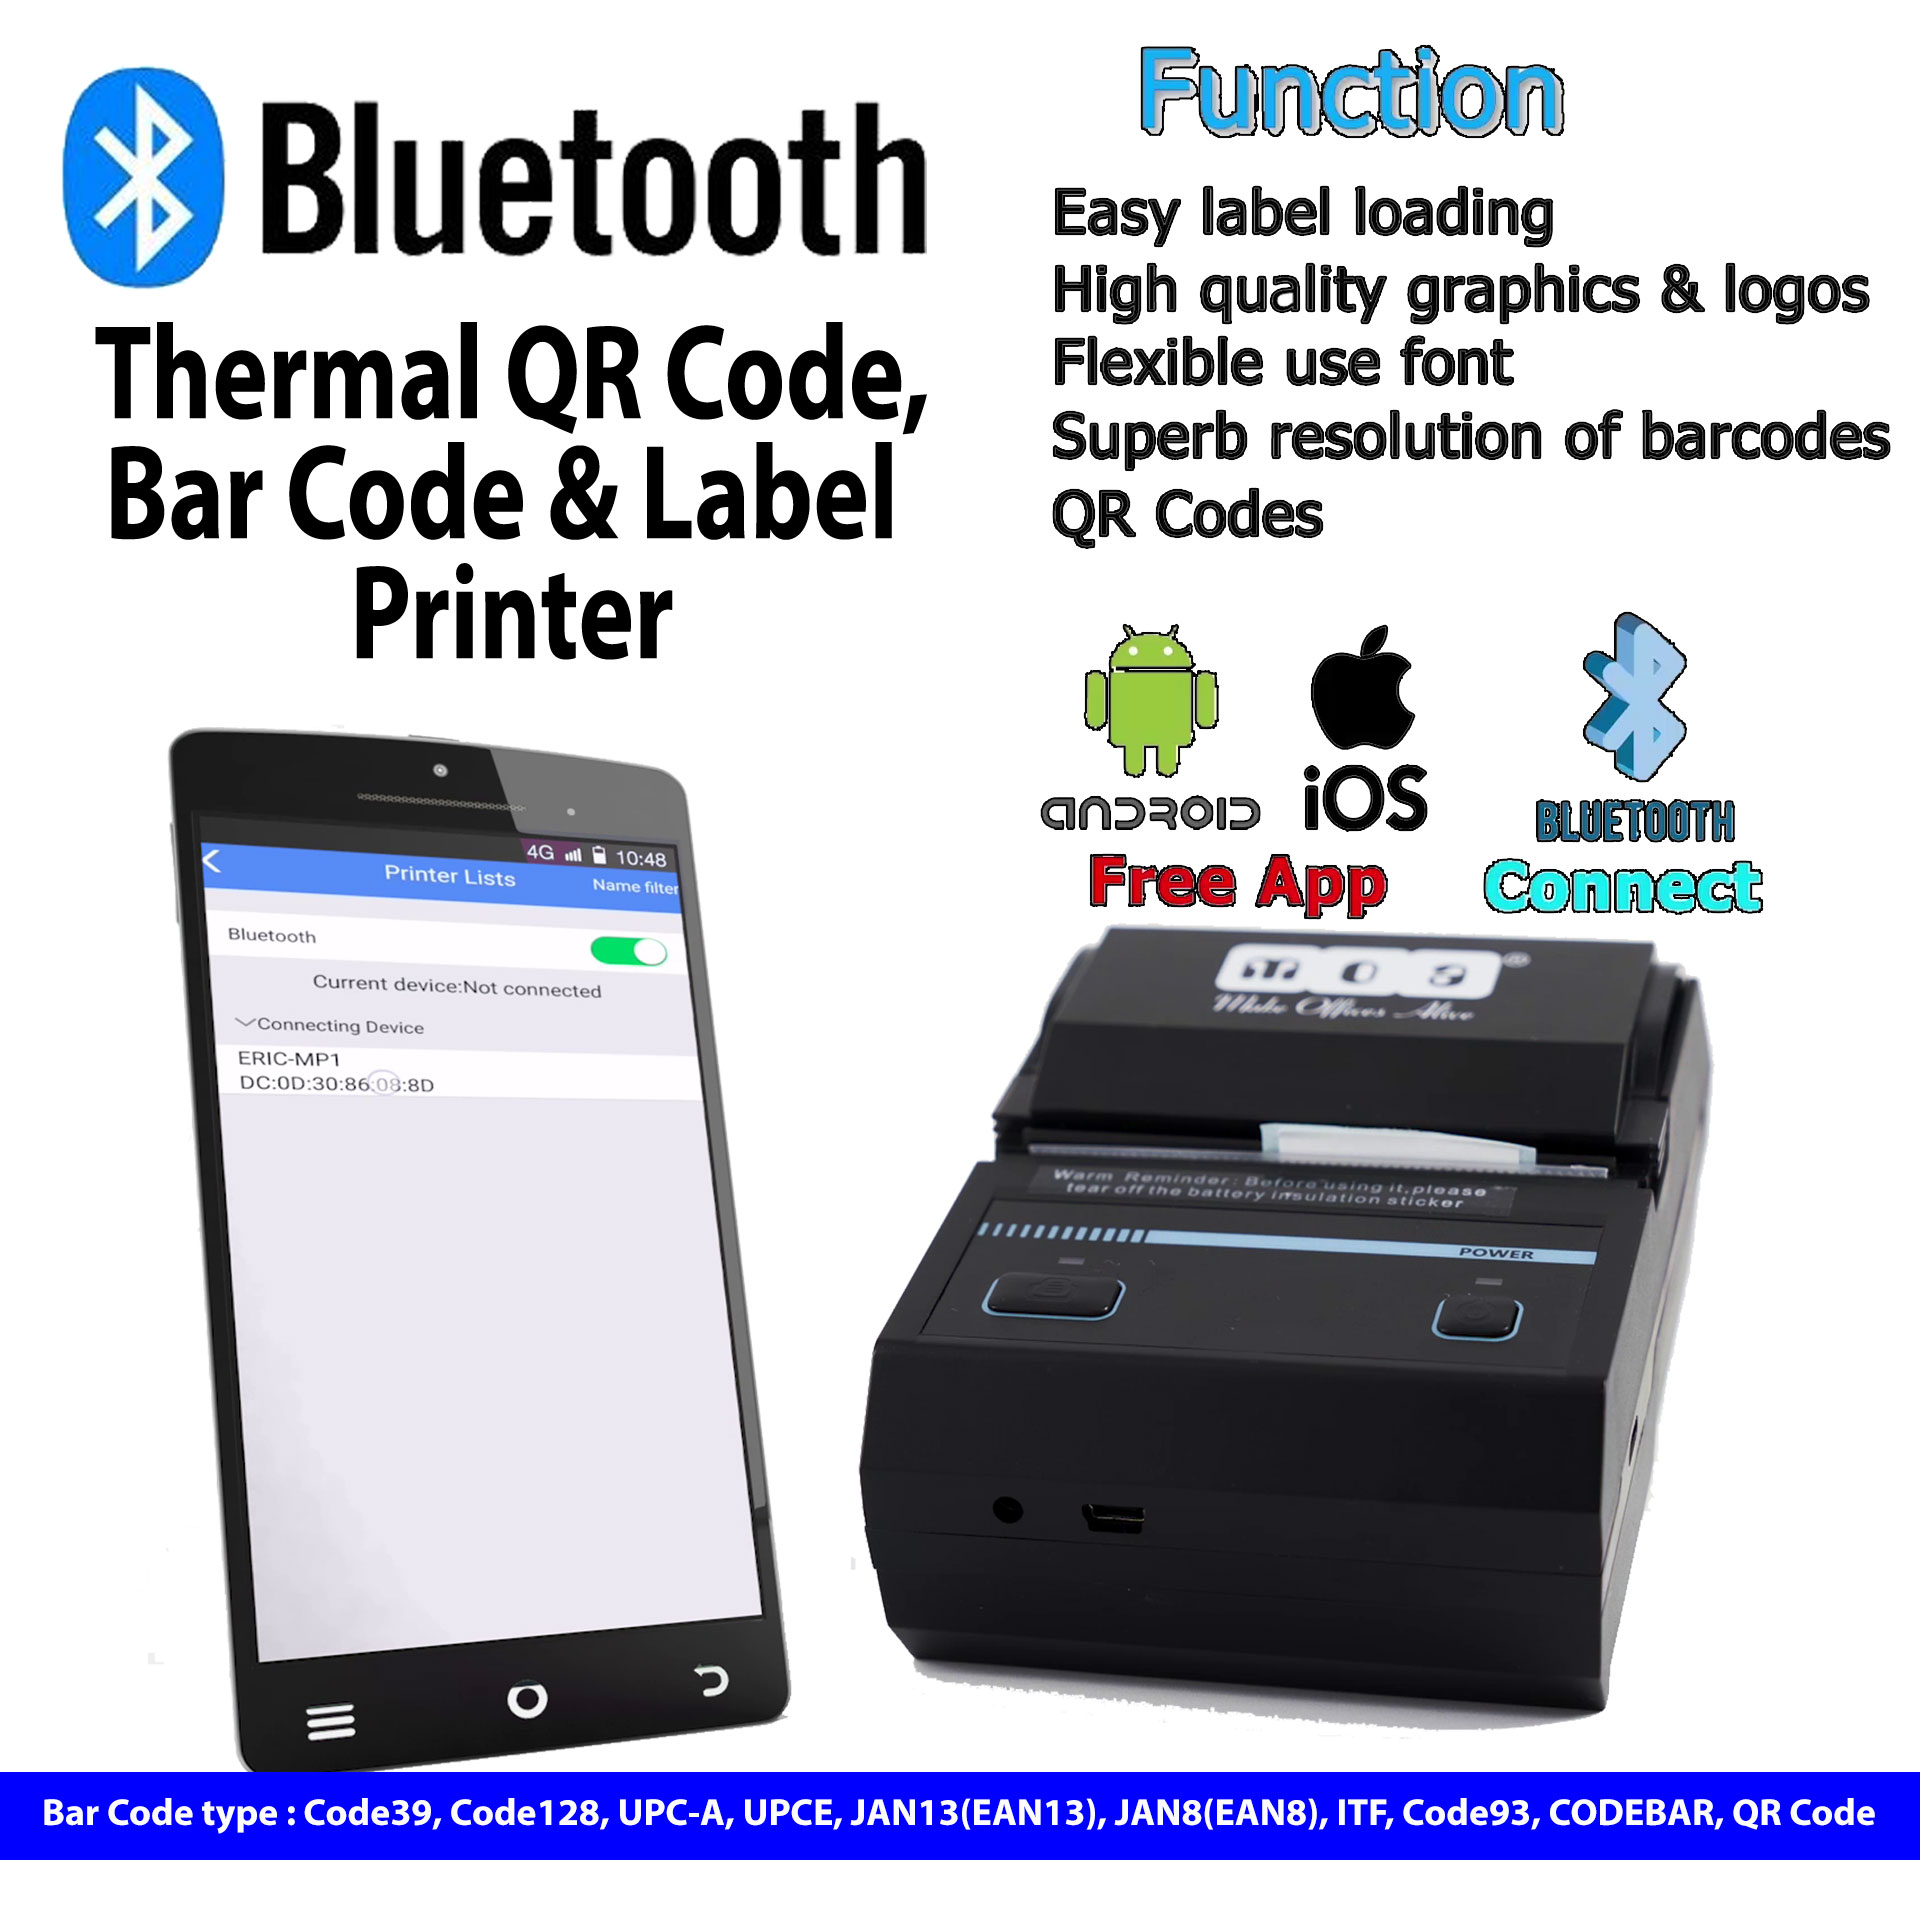 Portable Thermal QR Code, Bar Code & Label Printer